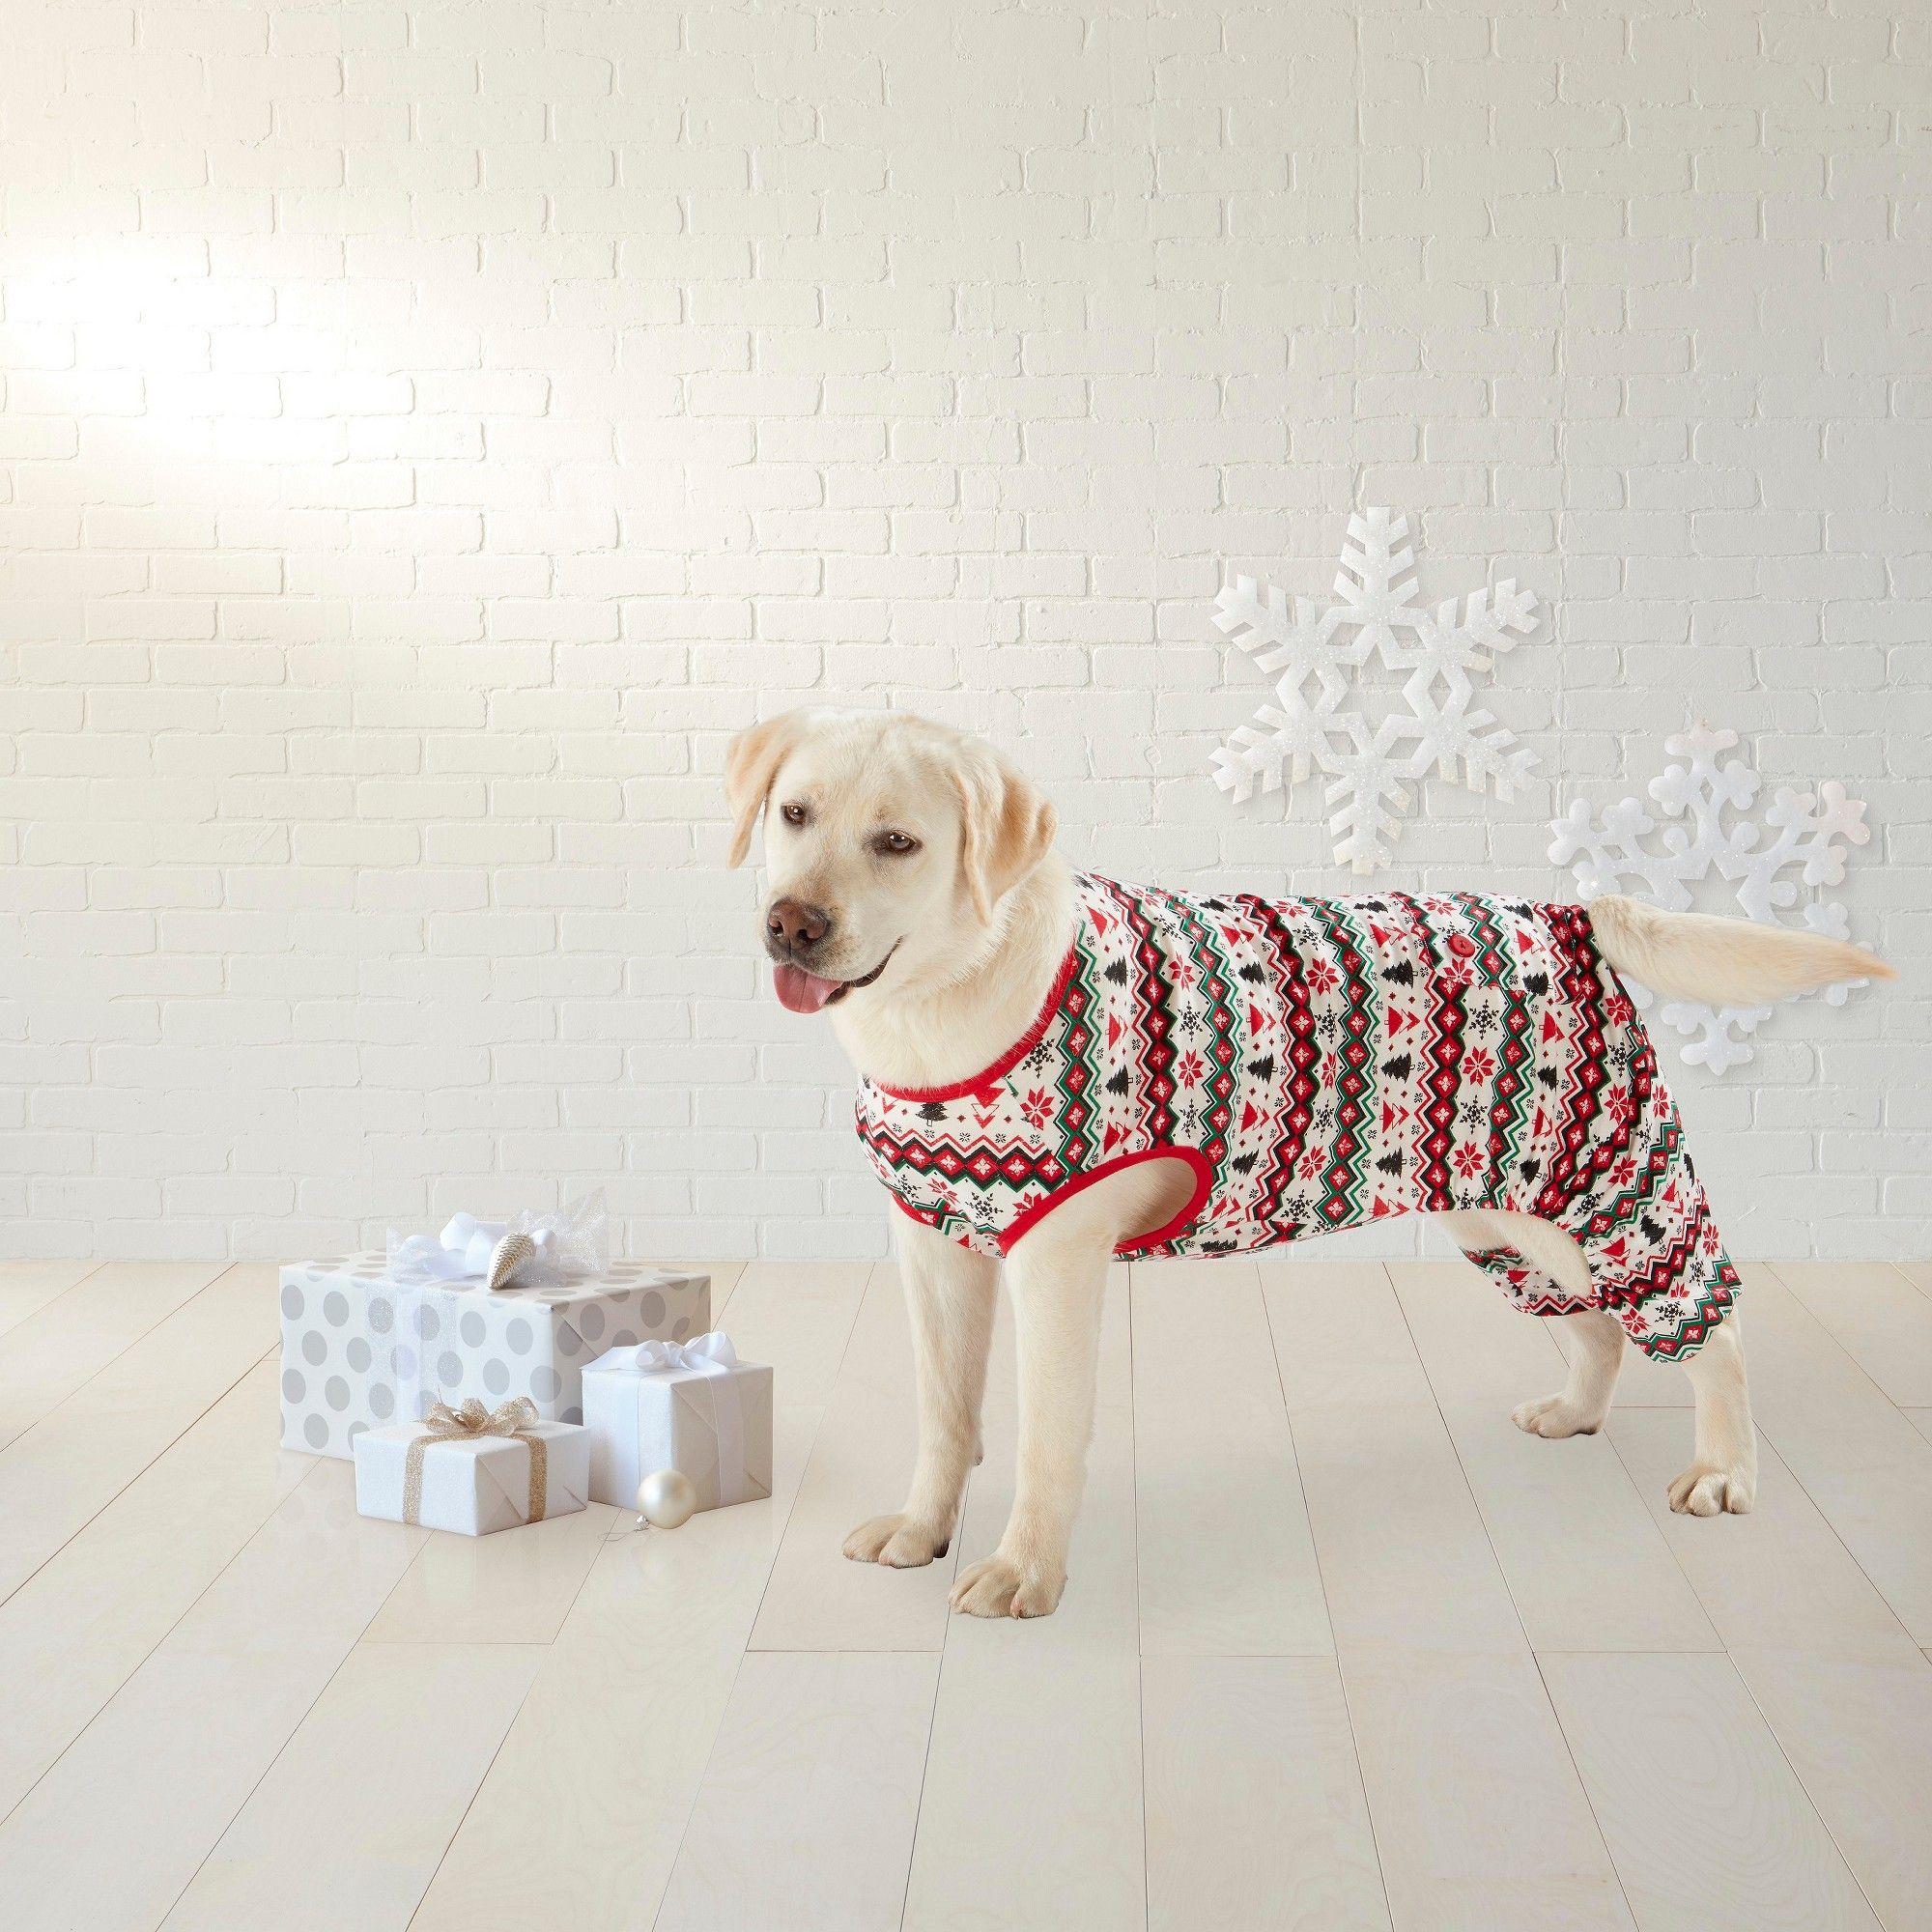 Fairisle PJs Pet Apparel Full Body Suit Medium